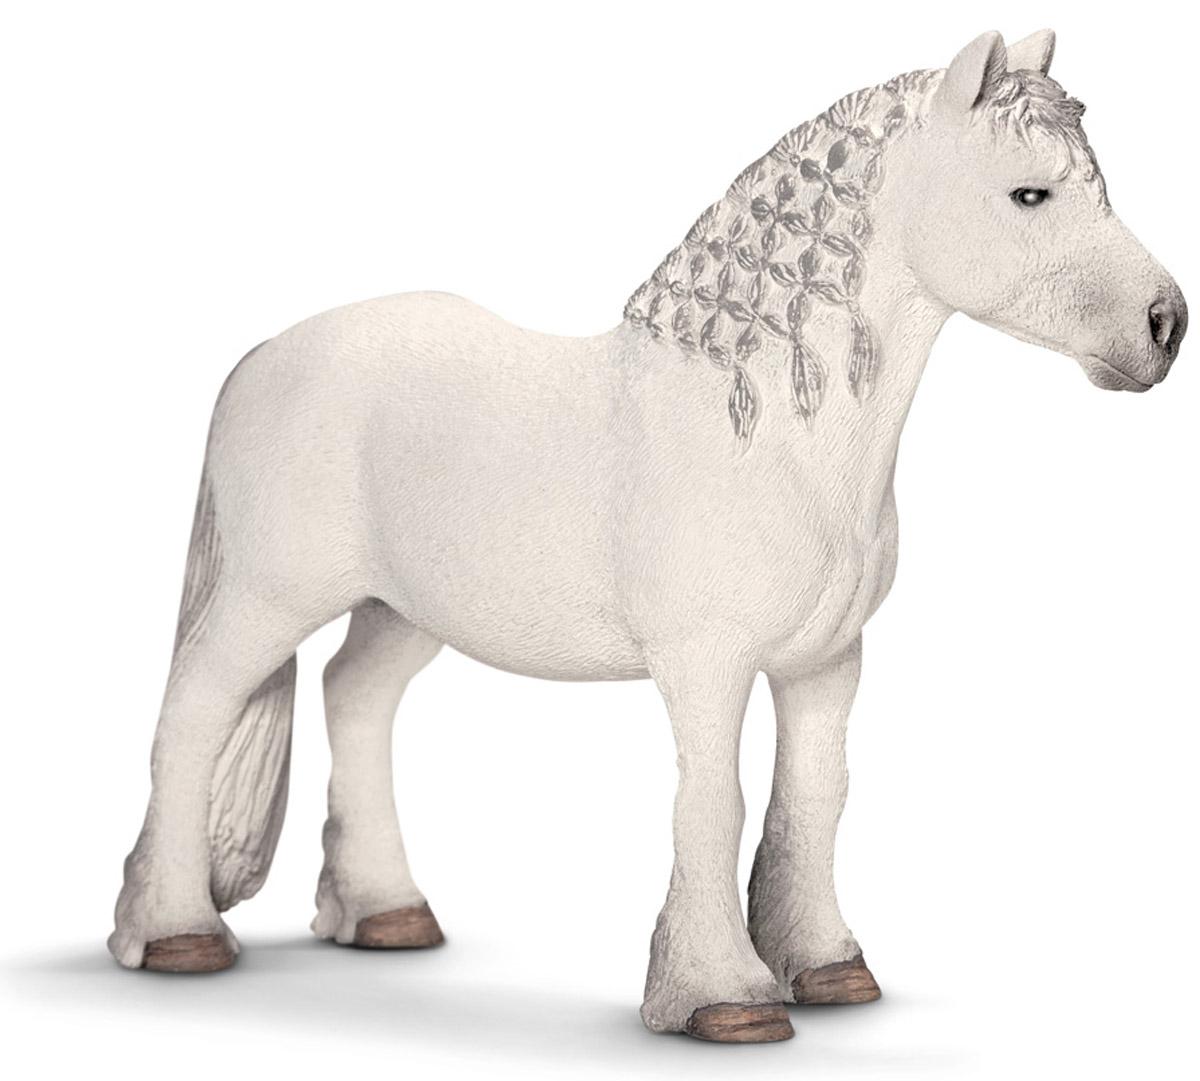 Schleich Фигурка Жеребец горного пони13739Фигурка Schleich Жеребец горного пони выполнена из каучукового пластика, каждая фигурка раскрашивается вручную. Горный пони (Фелл) - английский пони с вытянутым туловищем на коротких ногах. Эта порода традиционно обитает в Озерном крае в Англии. У пони длинная, роскошная грива, их очень любят использовать в качестве детских развлечений, дети просто обожают кататься на этих очаровательных маленьких лошадках. Реалистичные фигурки Schleich детально точно воспроизводят настоящих животных, обитателей различных стран. Ребенок сможет изучать особенности их строения, поведения и питания. Фигурки Schleich - превосходный педагогический материал для использования дома и в образовательных учреждениях.